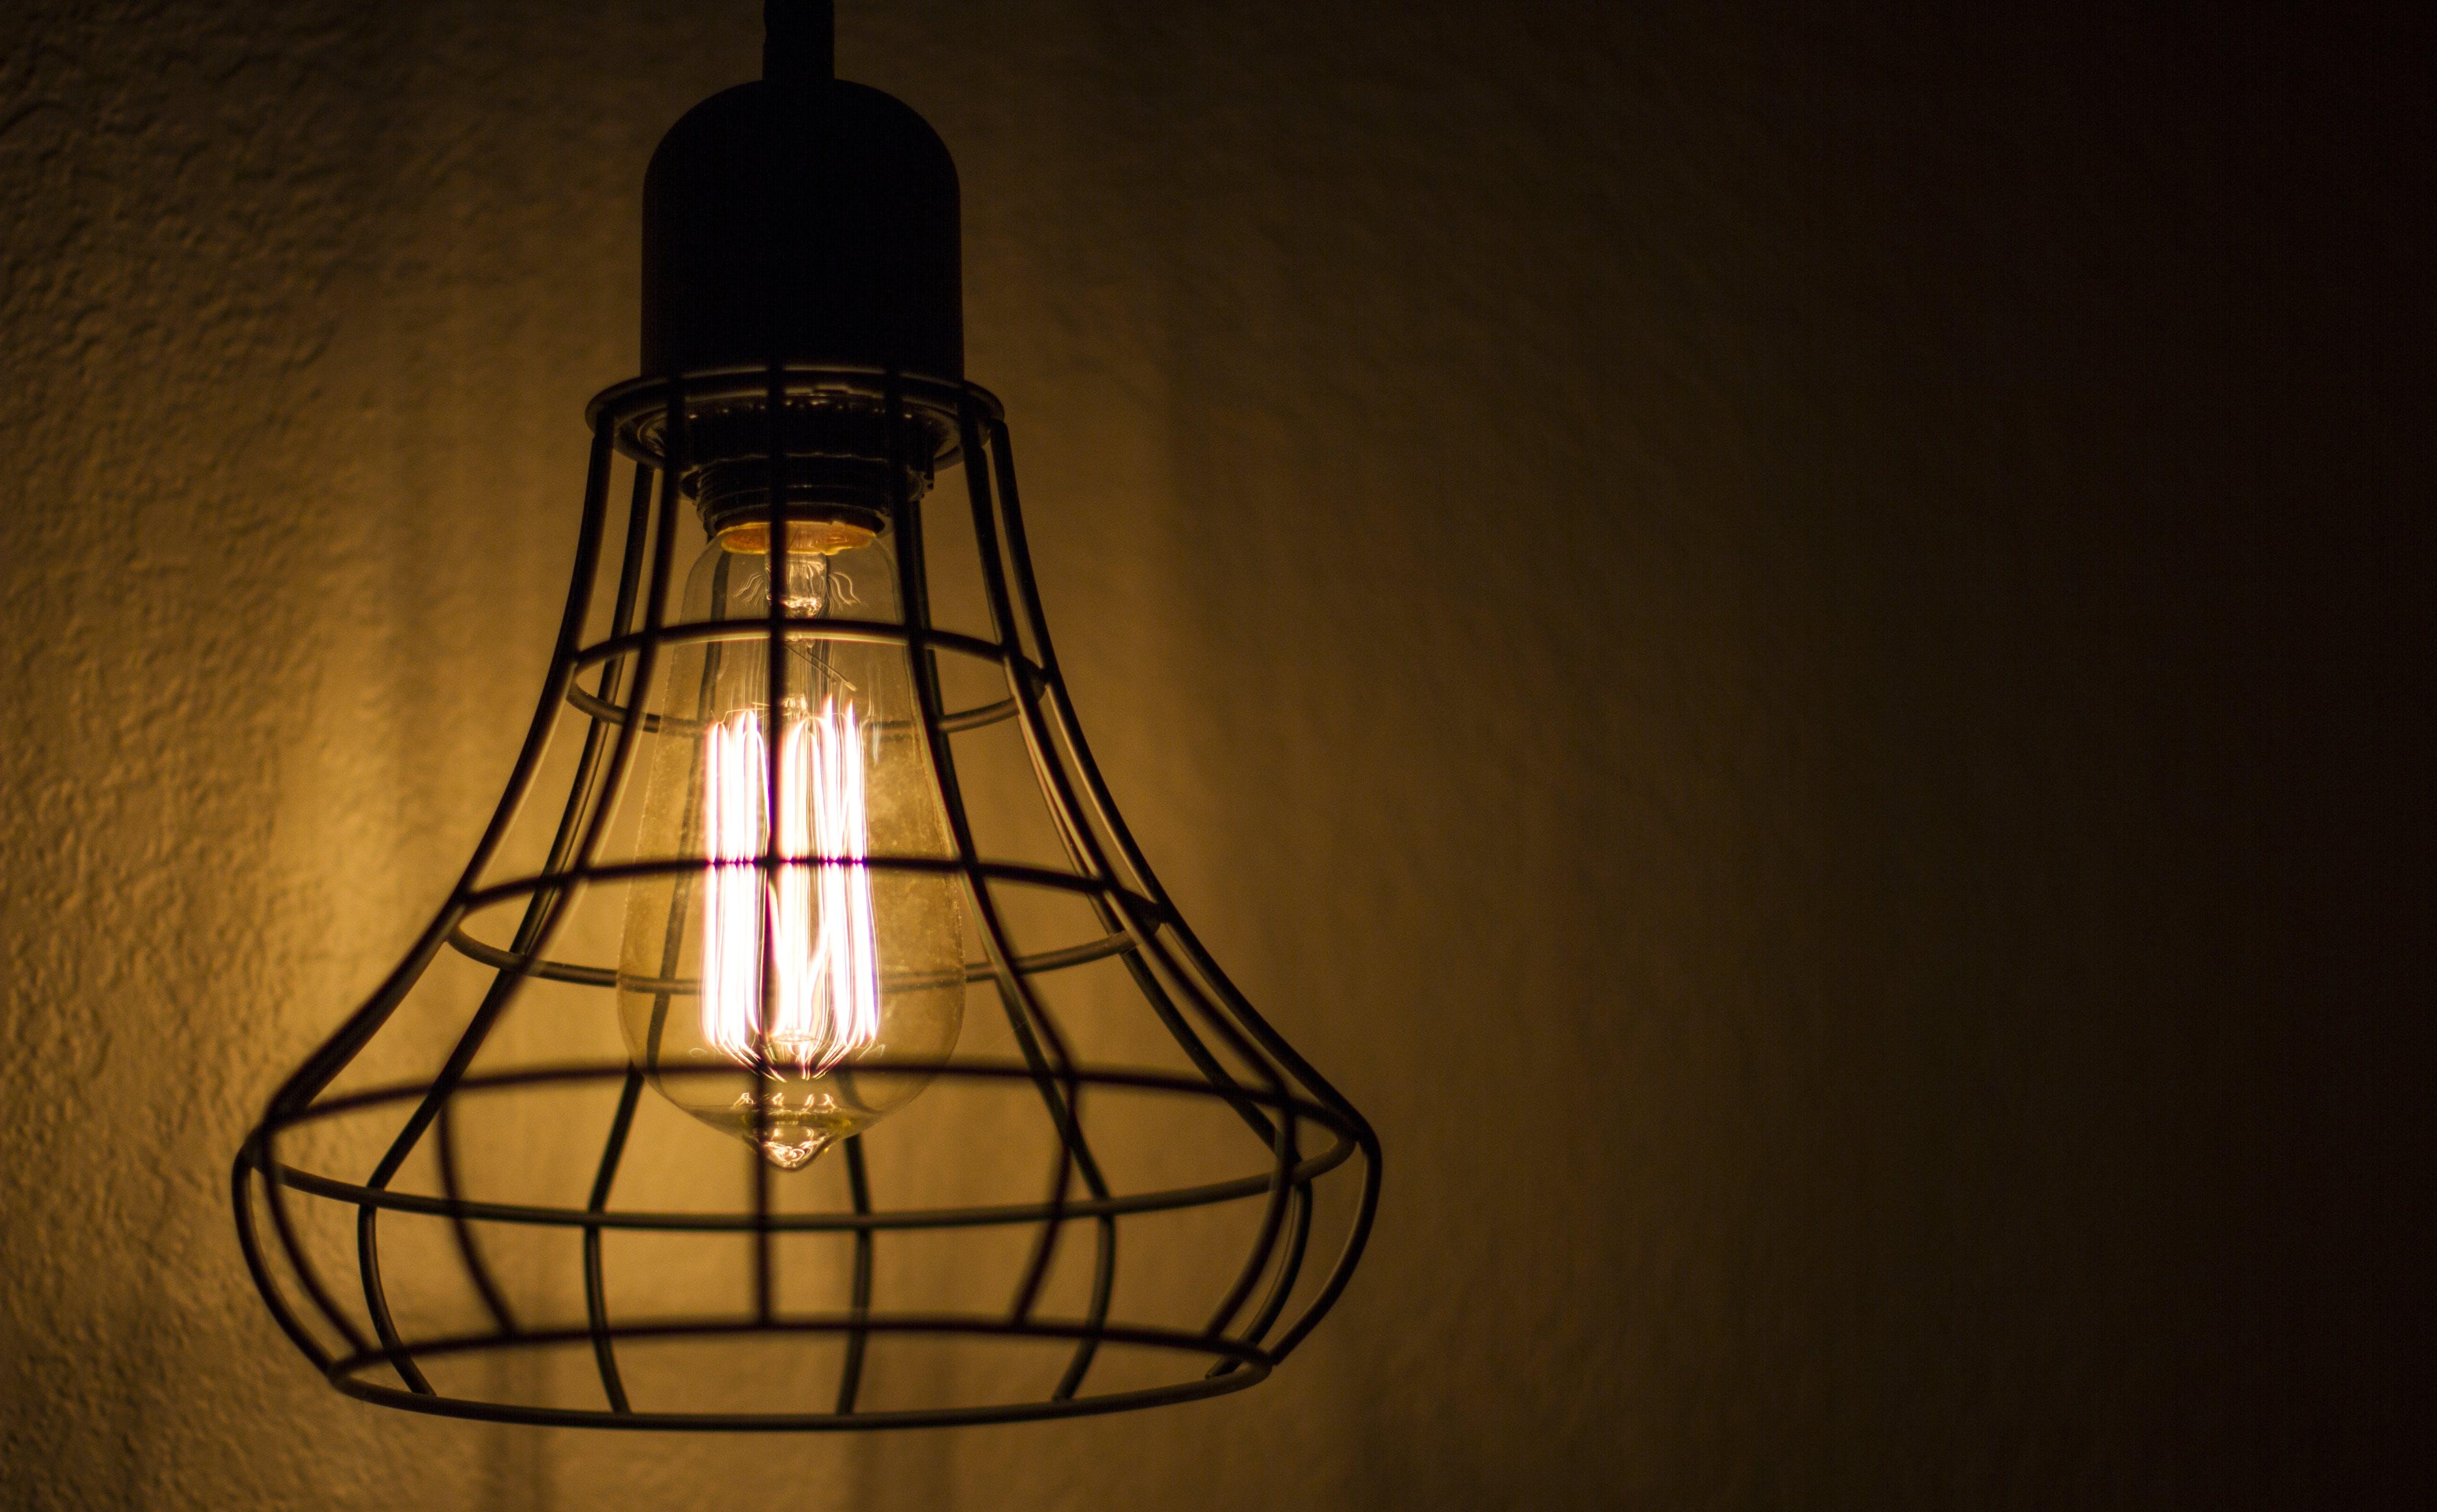 Kostnadsfri bild av design, elektricitet, energi, glödlampa